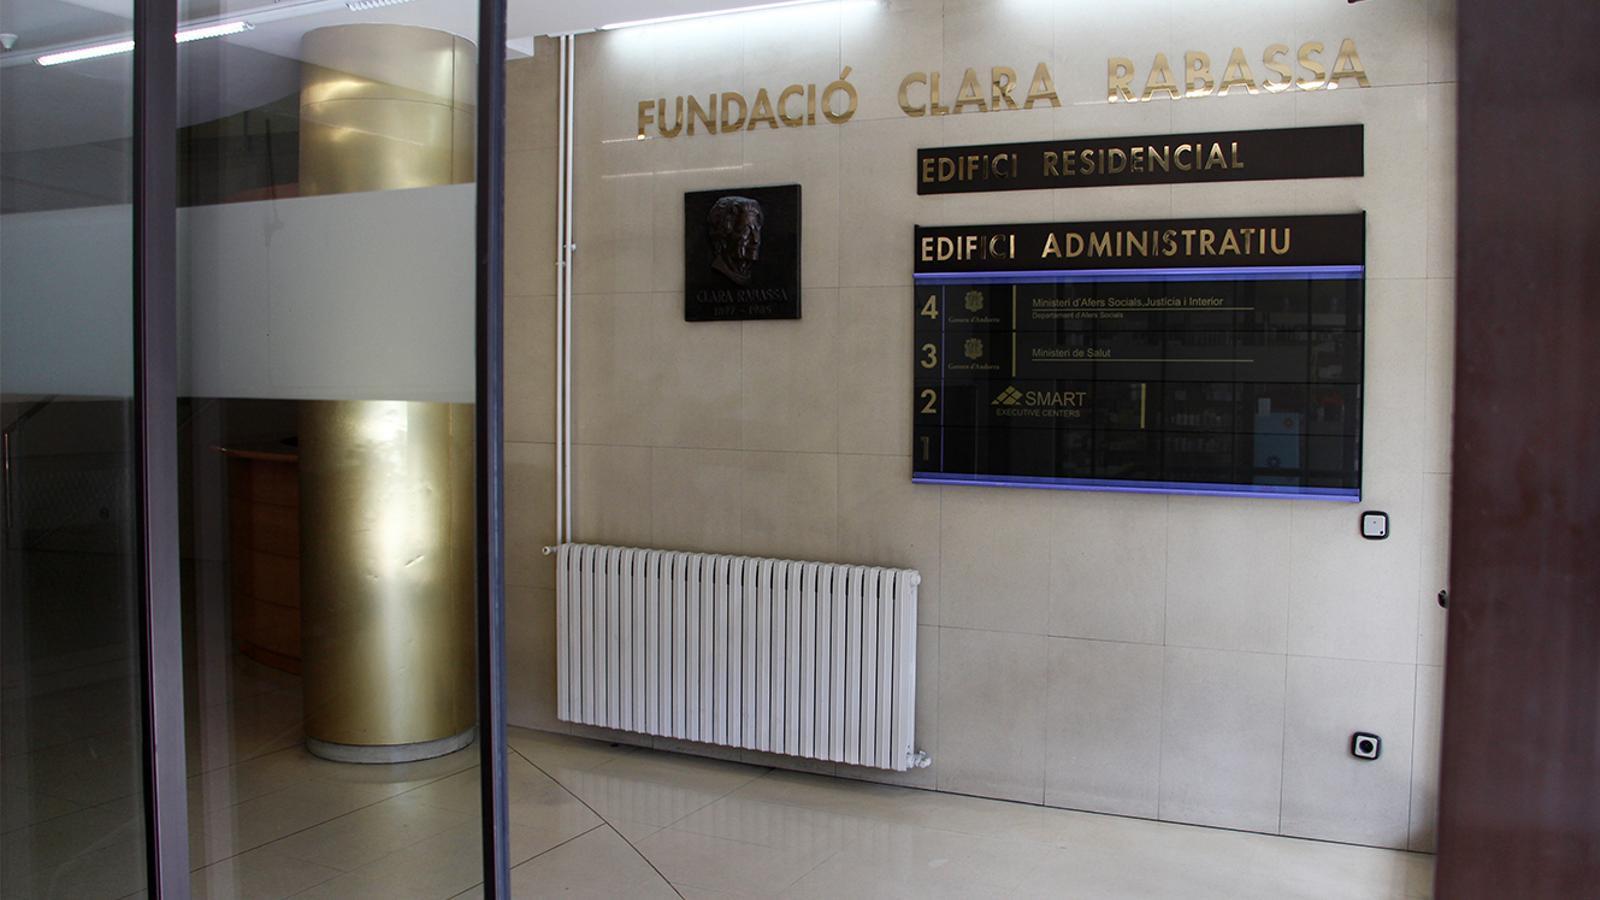 La seu del ministeri d'Afers Socials, Justícia i Interior. / M. M. (ANA)